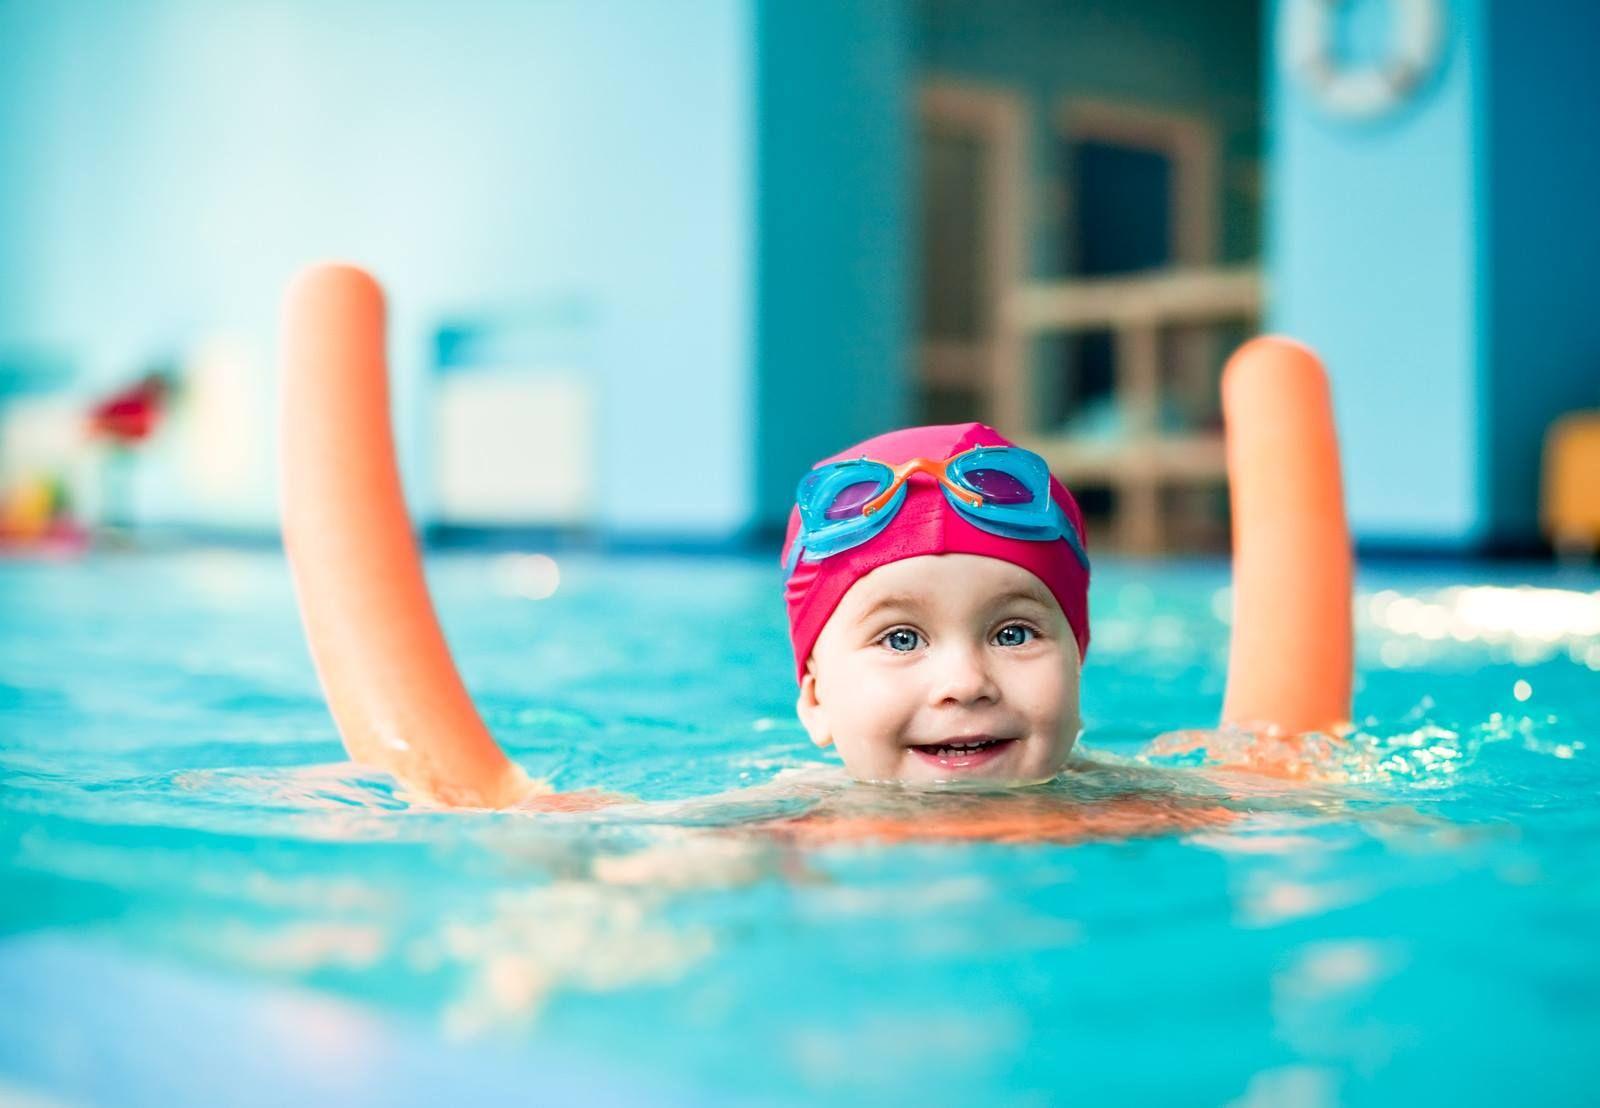 Nadar es una actividad que contribuye a conciliar el for Piscina hinchable ninos carrefour